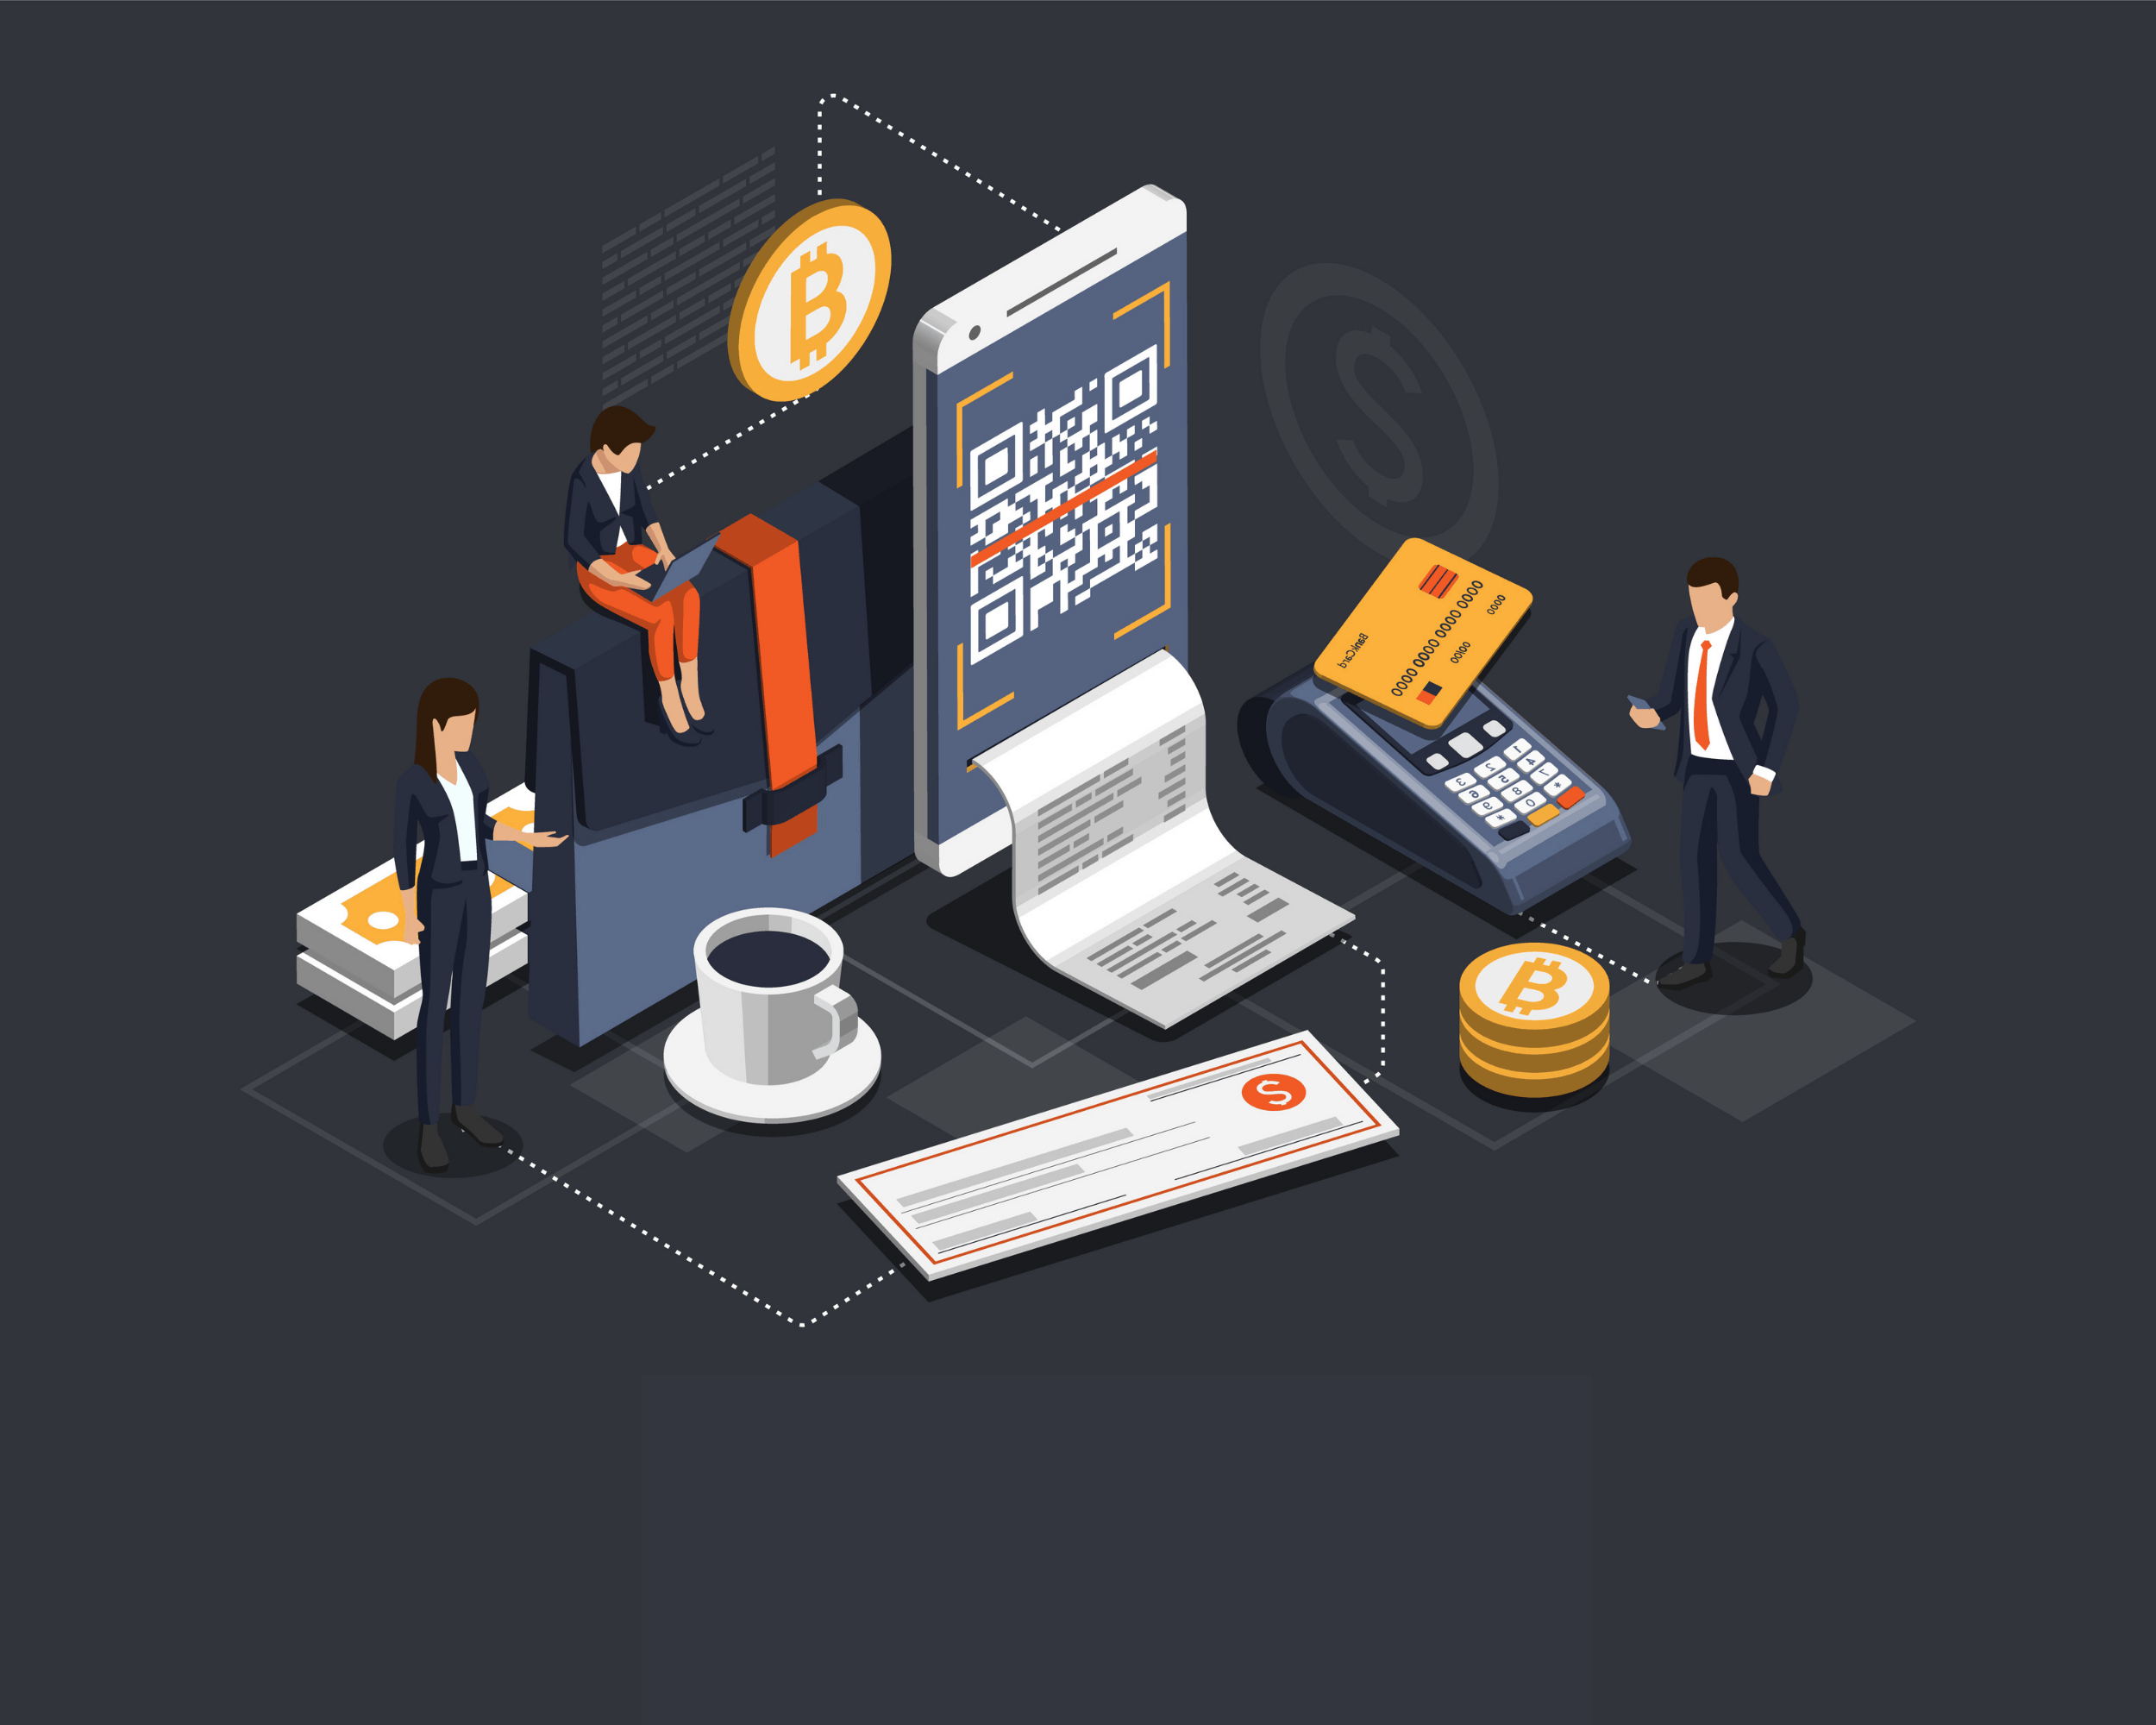 por que utilizar criptomonedas